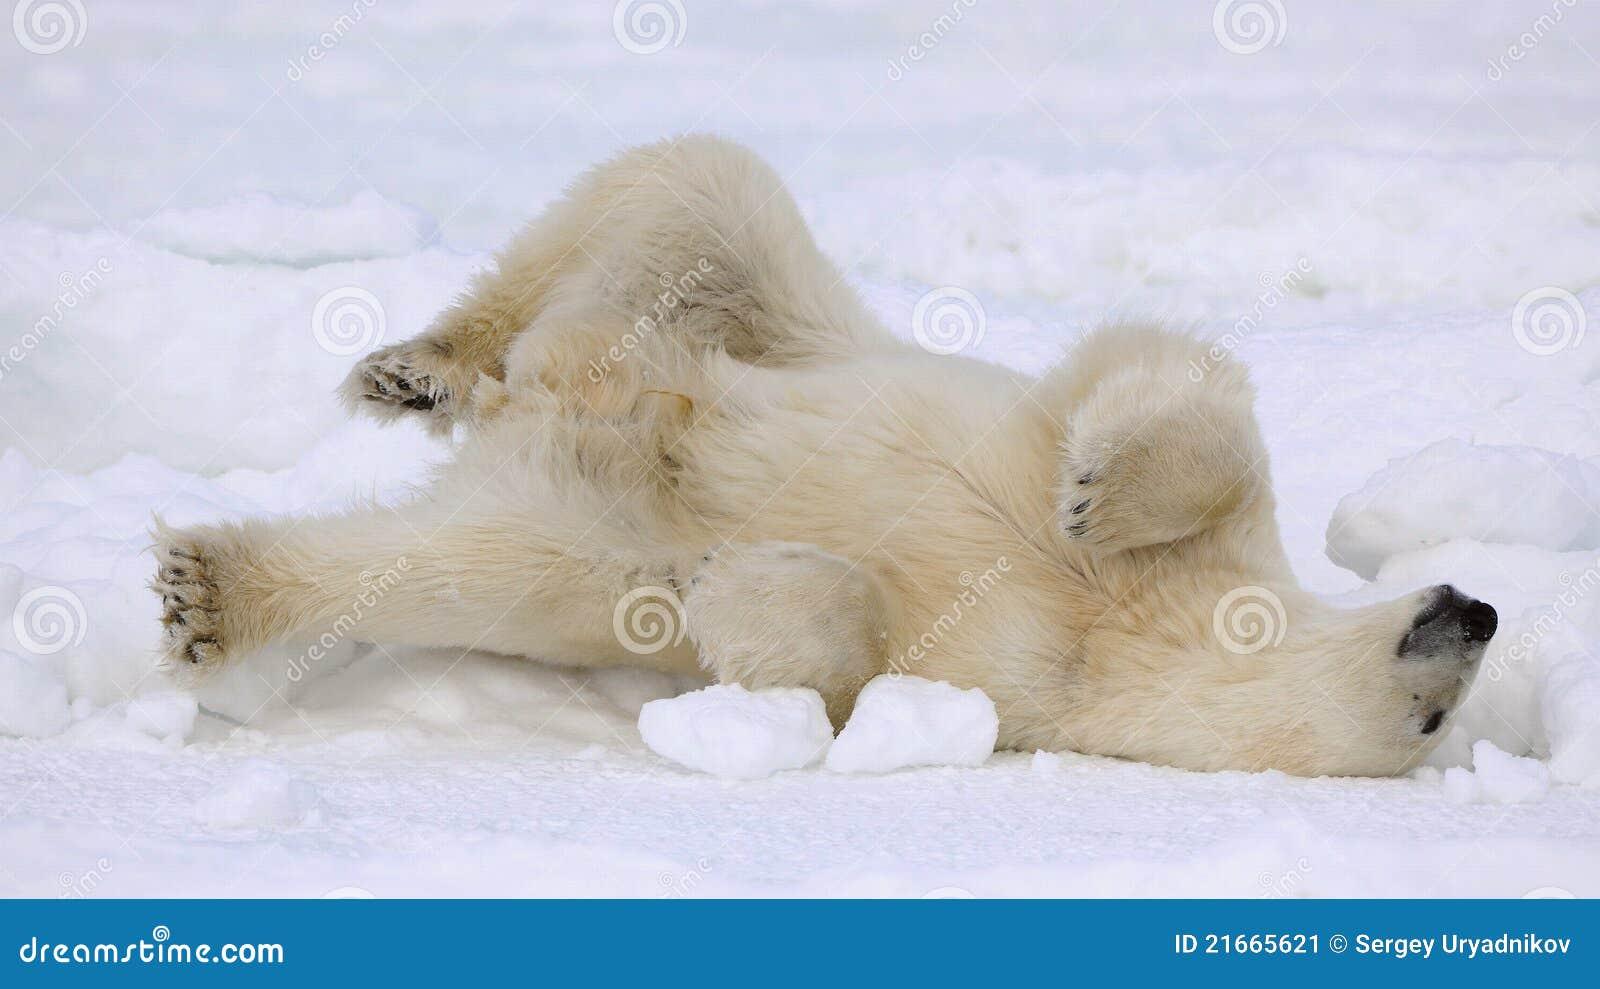 Rest of a polar bear.